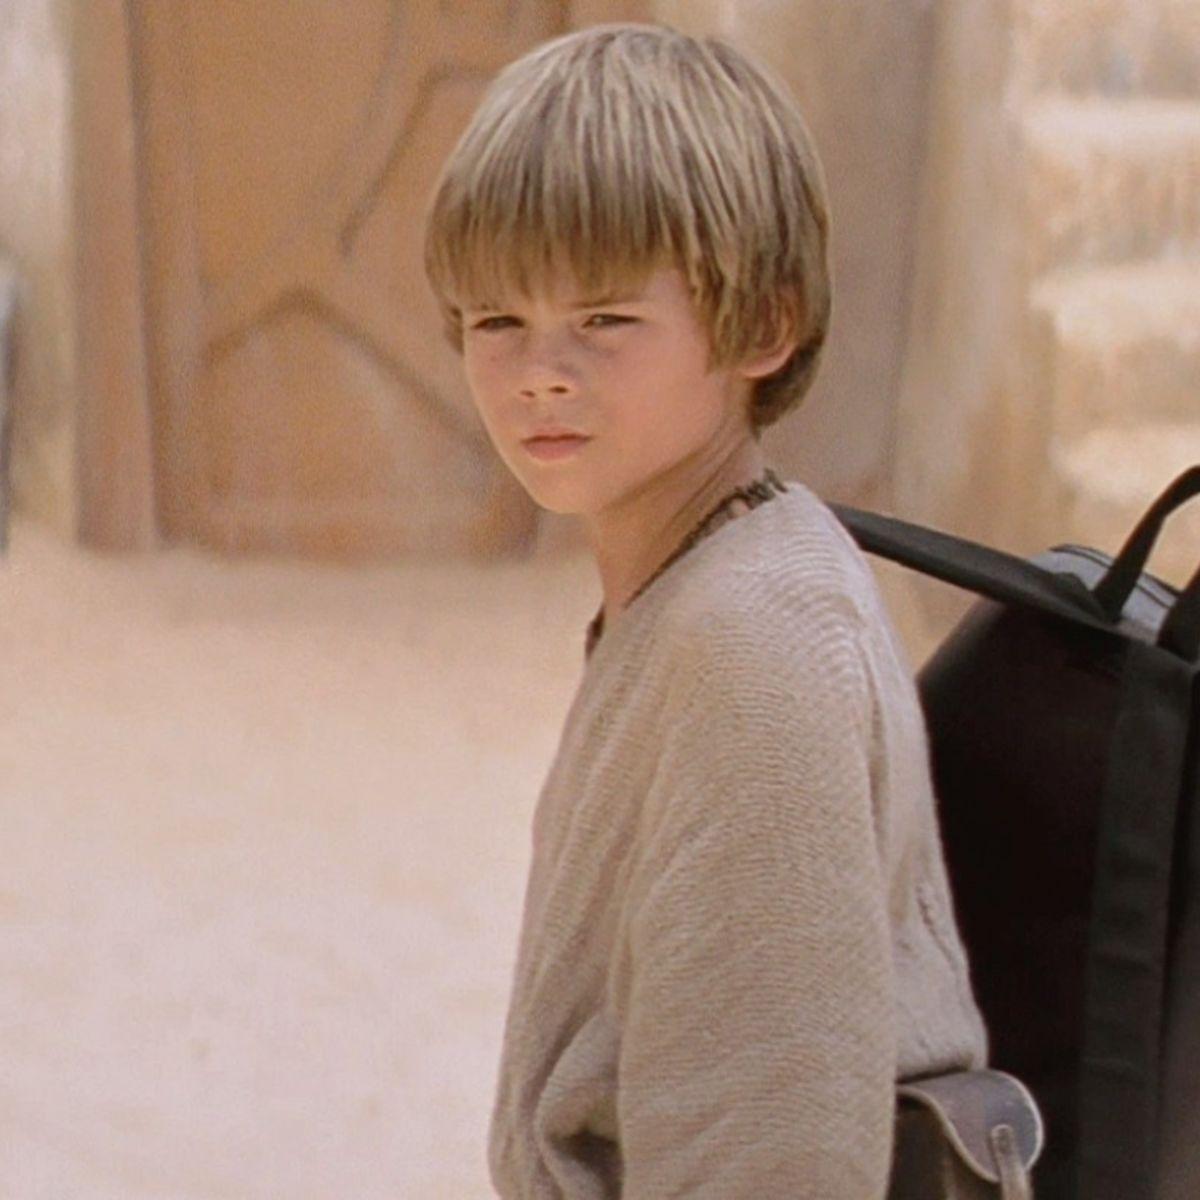 jake-lloyd-as-anakin-skywalker-in-star-wars.jpg